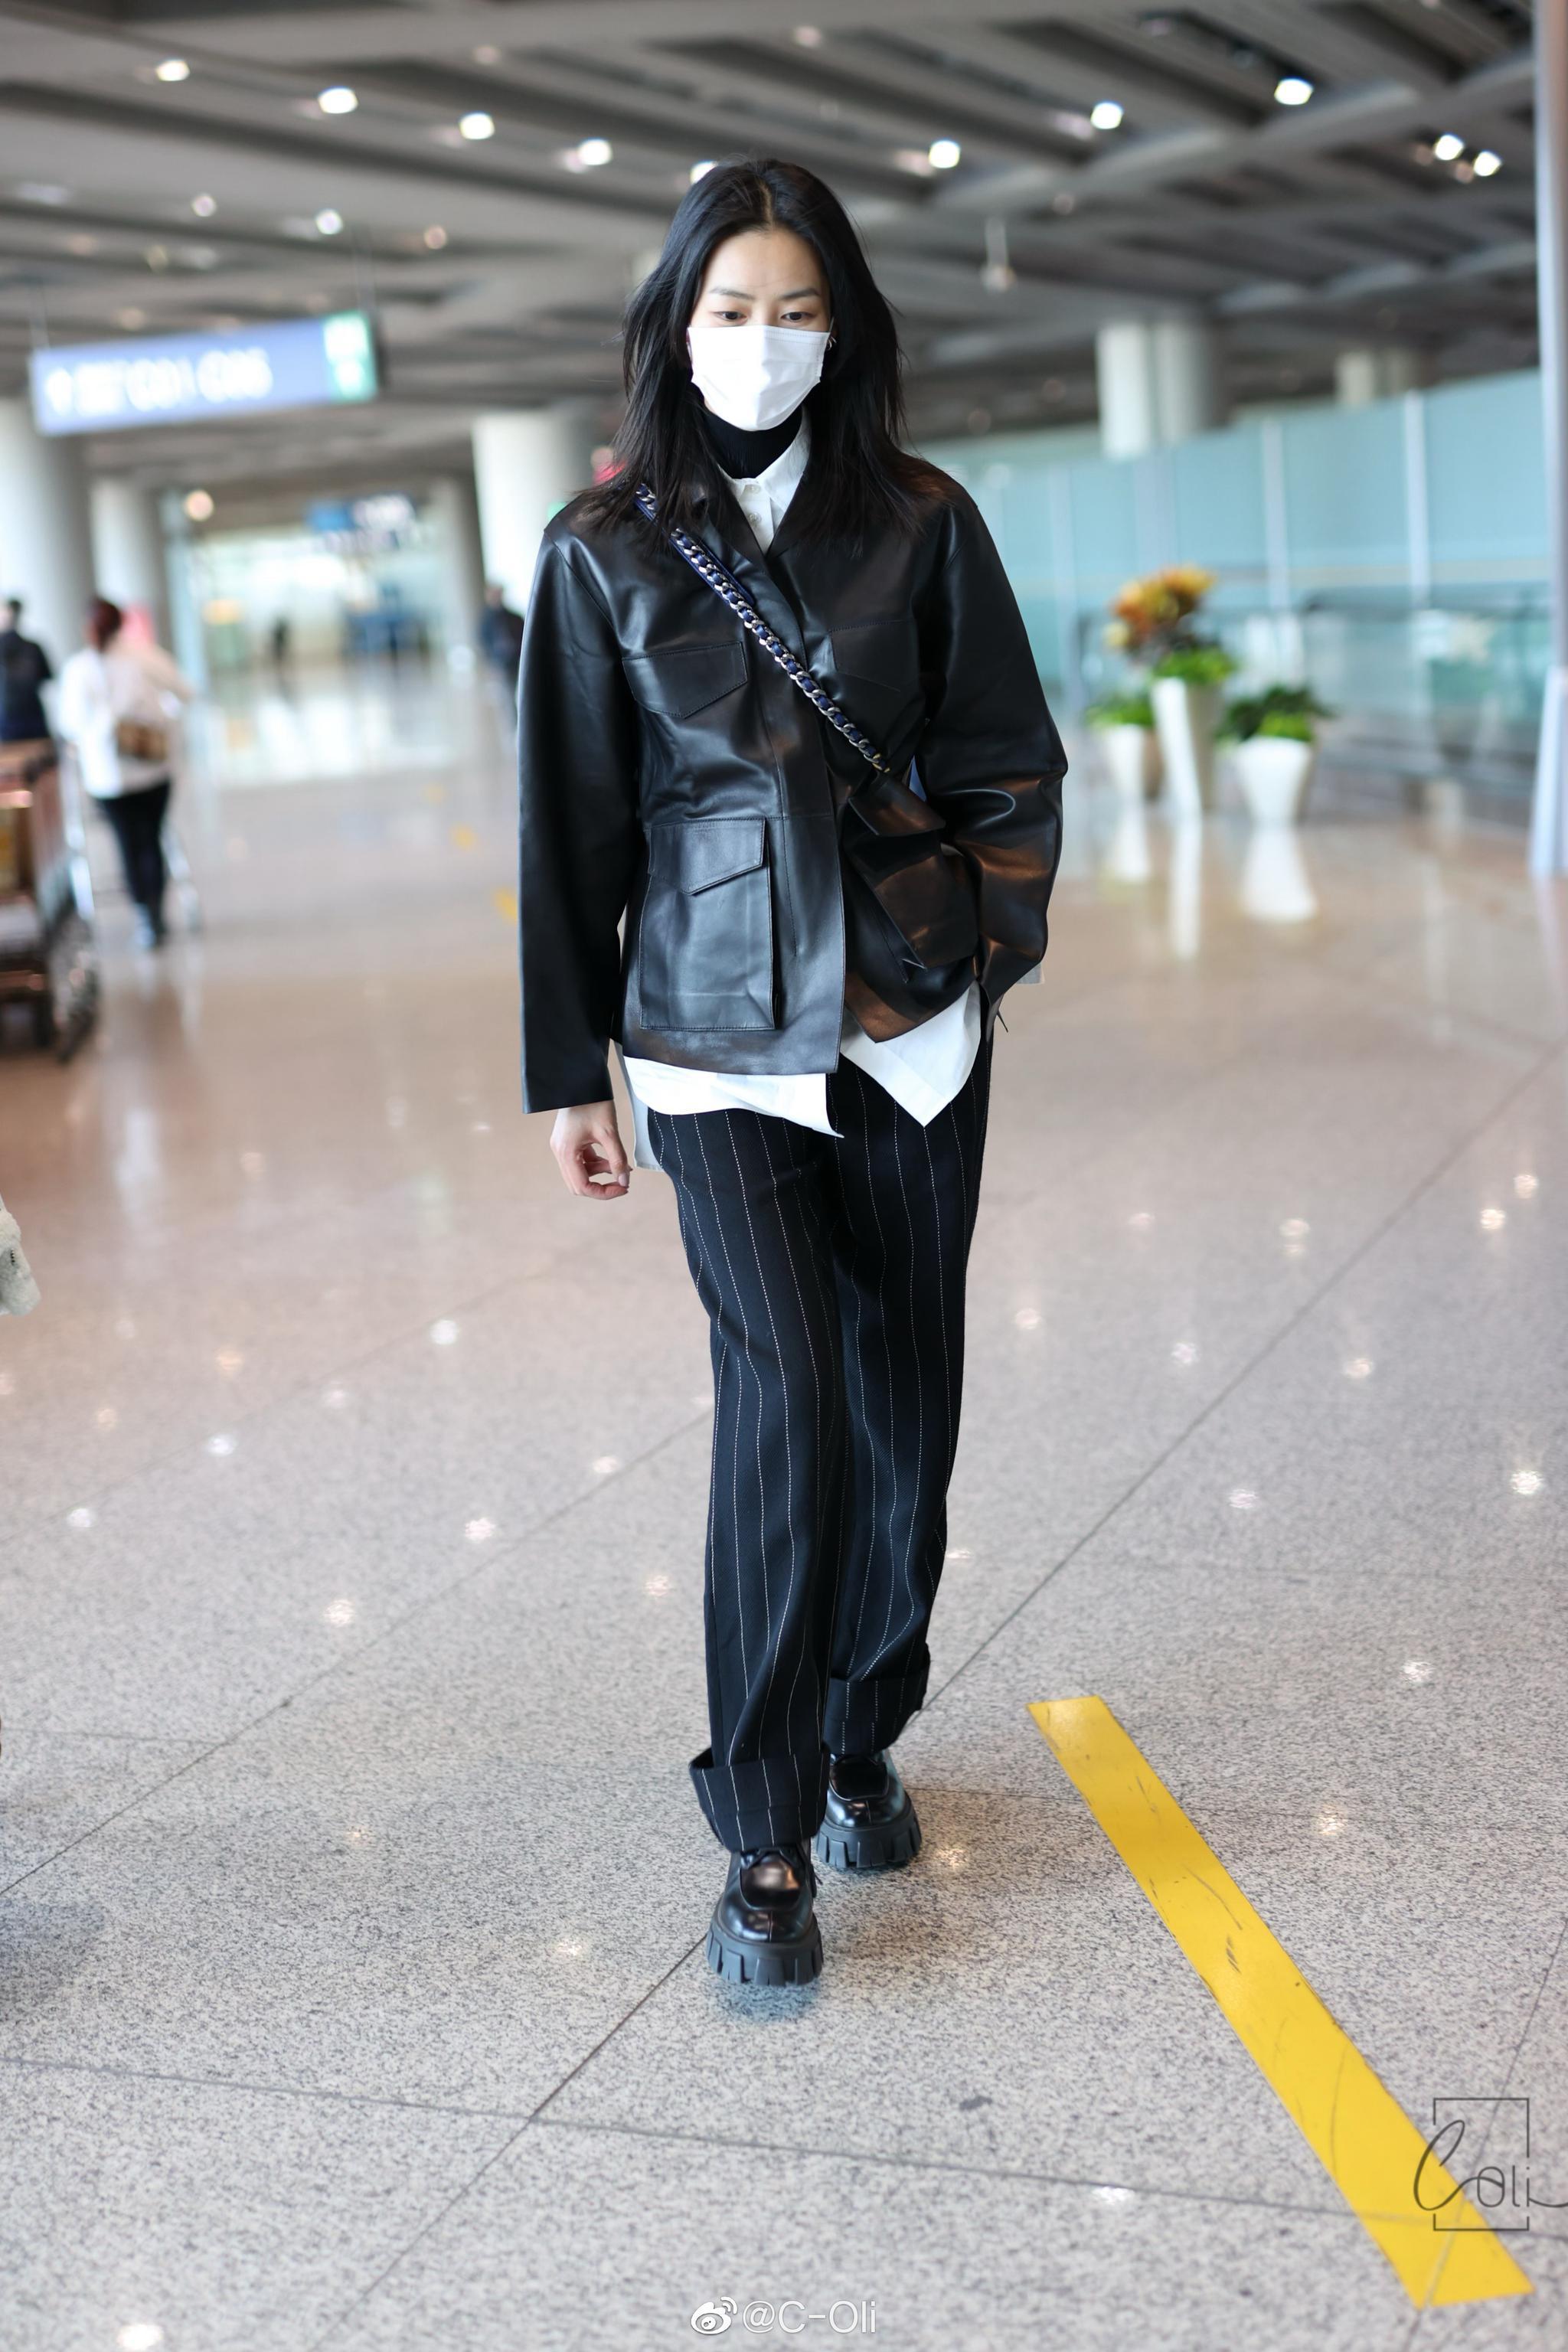 表姐 今日机场街拍,黑色皮衣条纹长裤配厚底黑皮鞋……